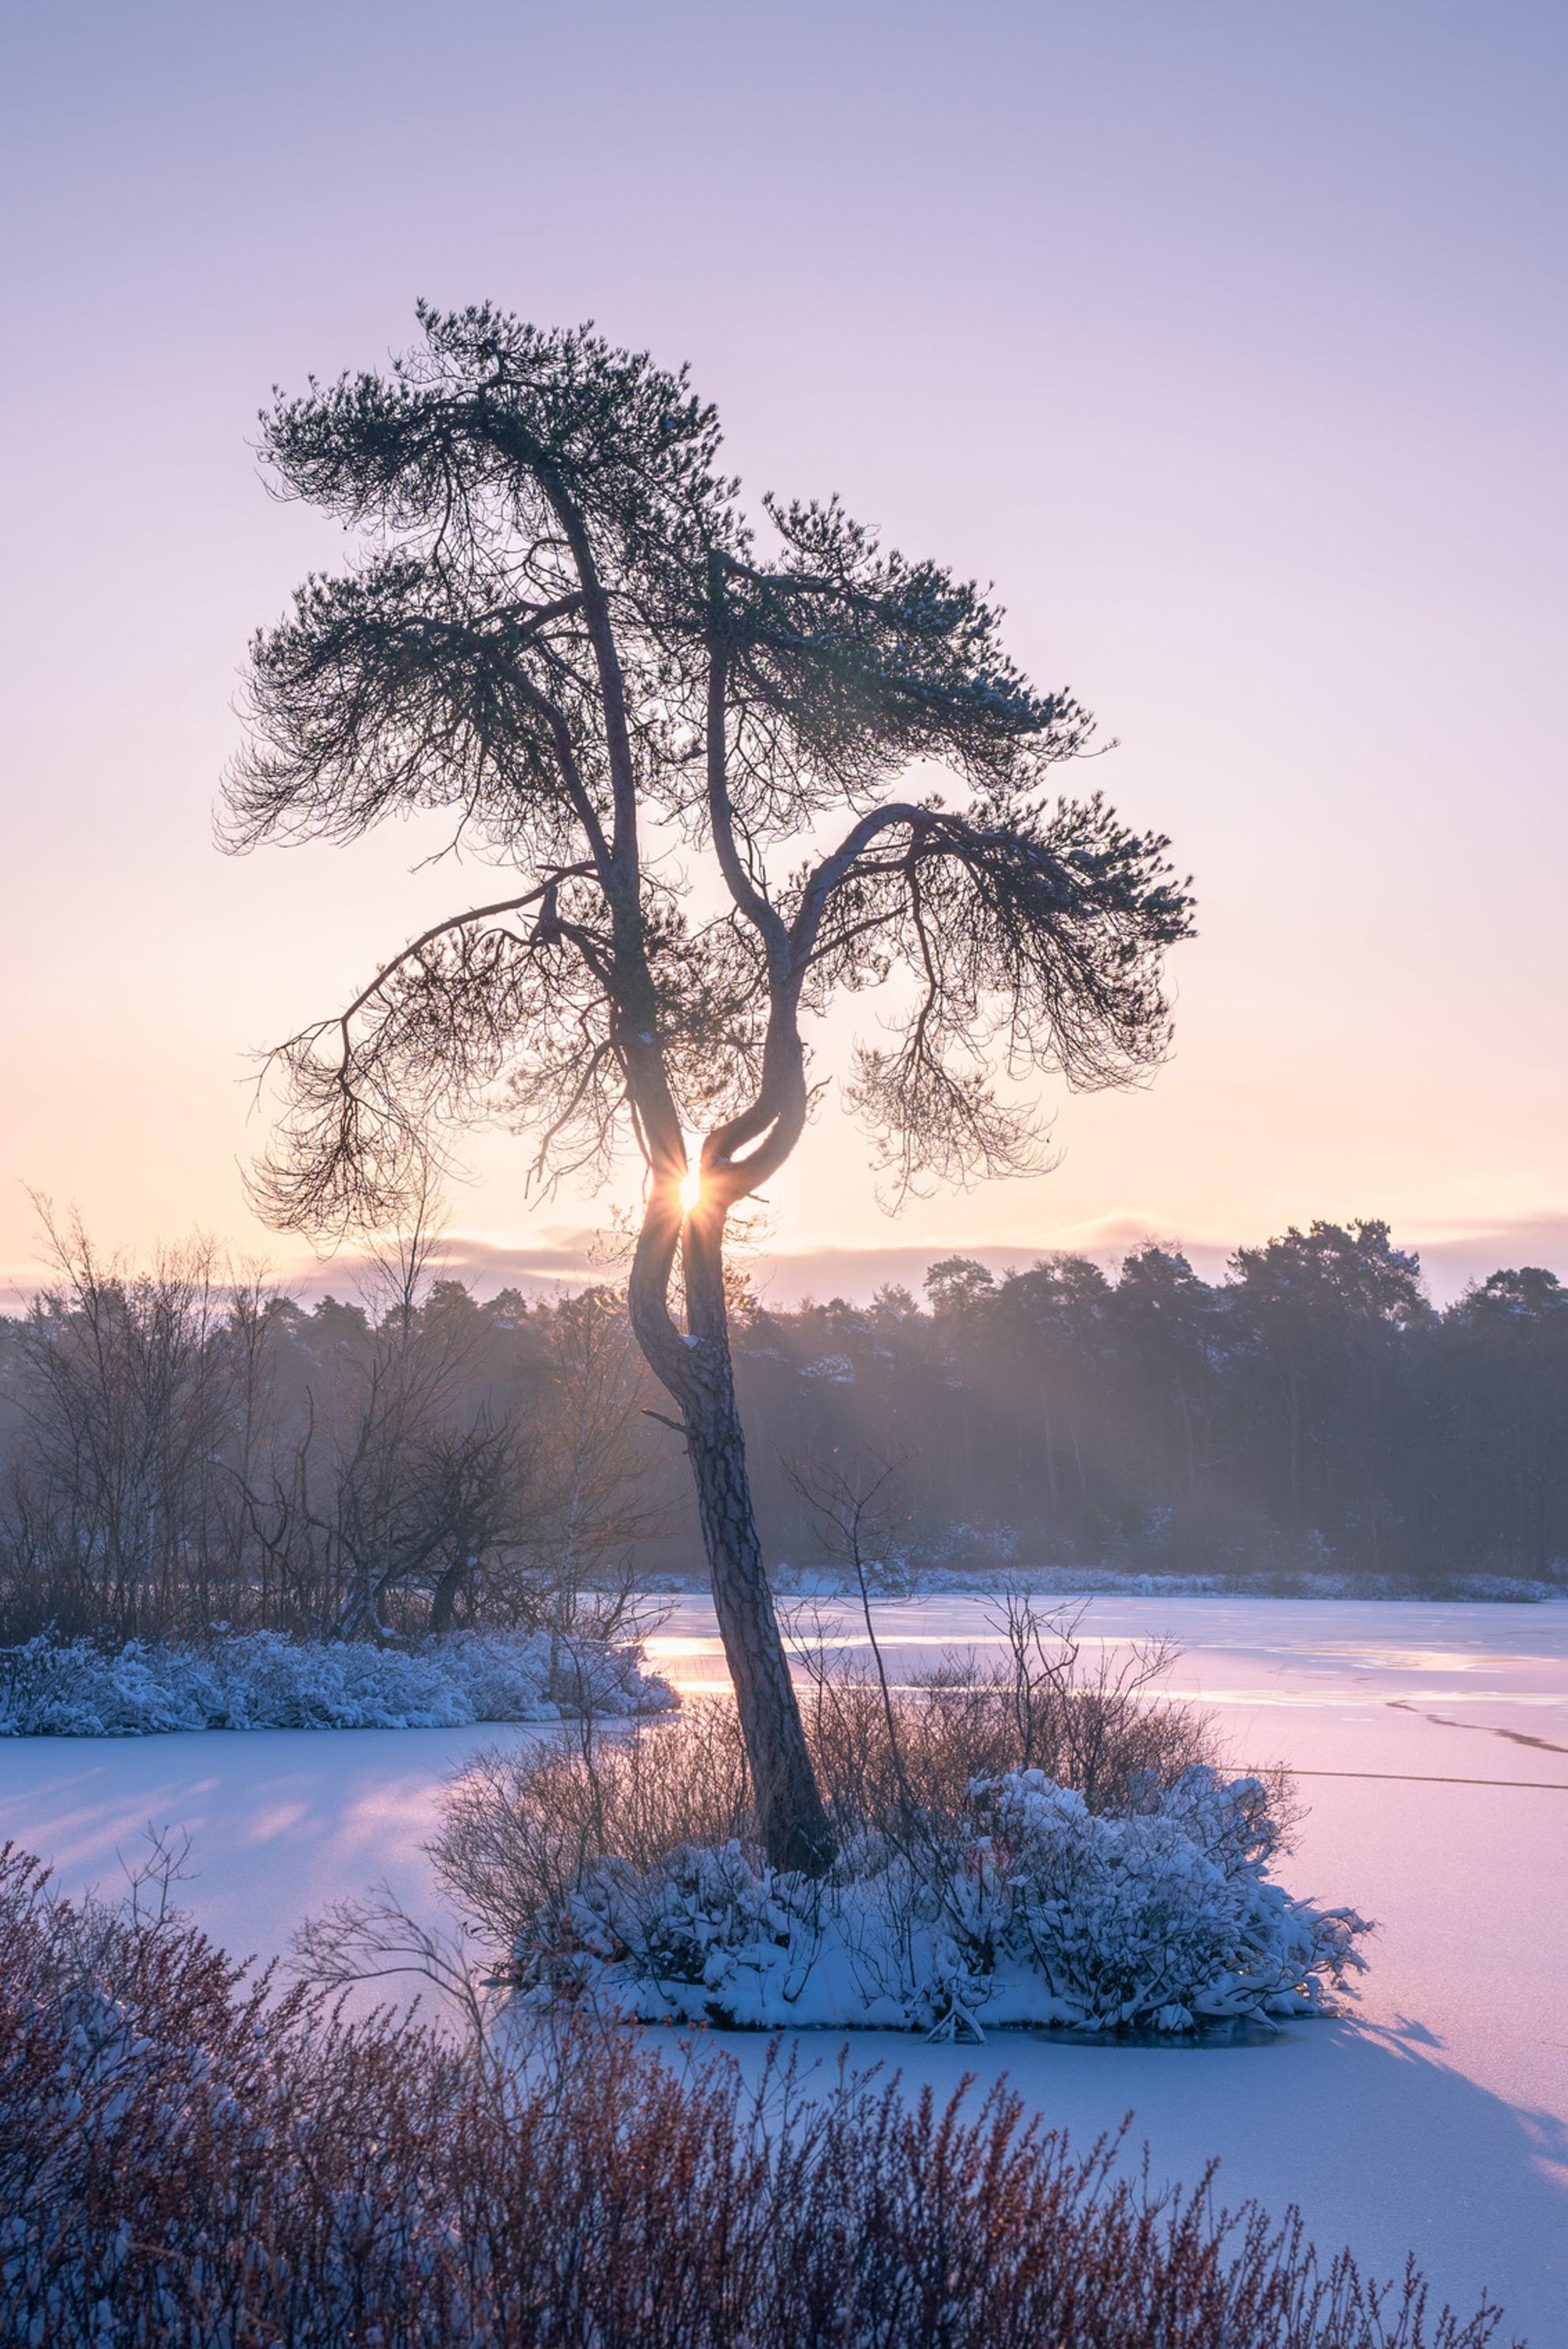 New Dawn, New (Snowy) Day - De zon die heerlijk tussen de takken van deze boom opkomt, op een winterse ochtend in Februari van 2021. De sneeuw en de winterse week die we nog lan - foto door RobinGooijersFotografie op 25-02-2021 - deze foto bevat: wolken, paars, blauw, zon, boom, water, natuur, licht, sneeuw, winter, ijs, landschap, mist, bos, tegenlicht, zonsopkomst, bomen, zonlicht, hdr, zonneschijn - Deze foto mag gebruikt worden in een Zoom.nl publicatie